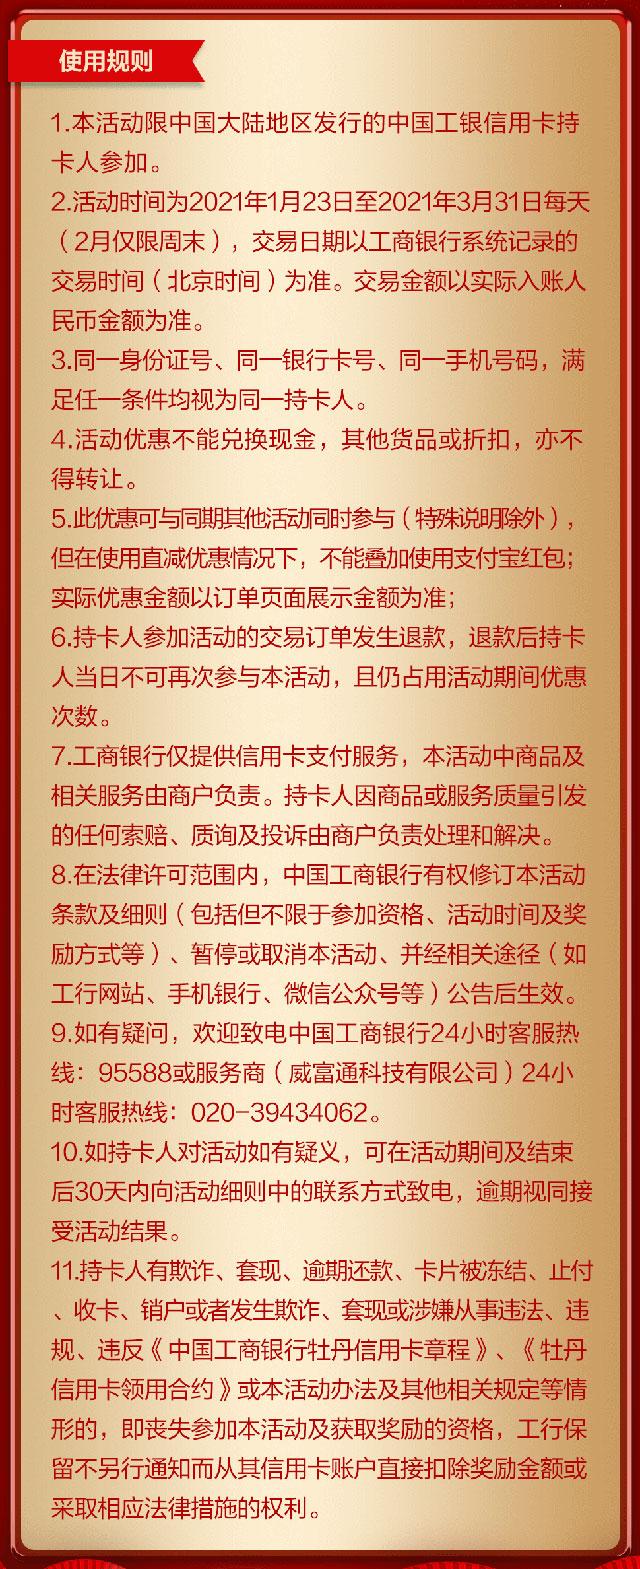 工商银行信用卡爱购新春,永辉超市满60元减30元